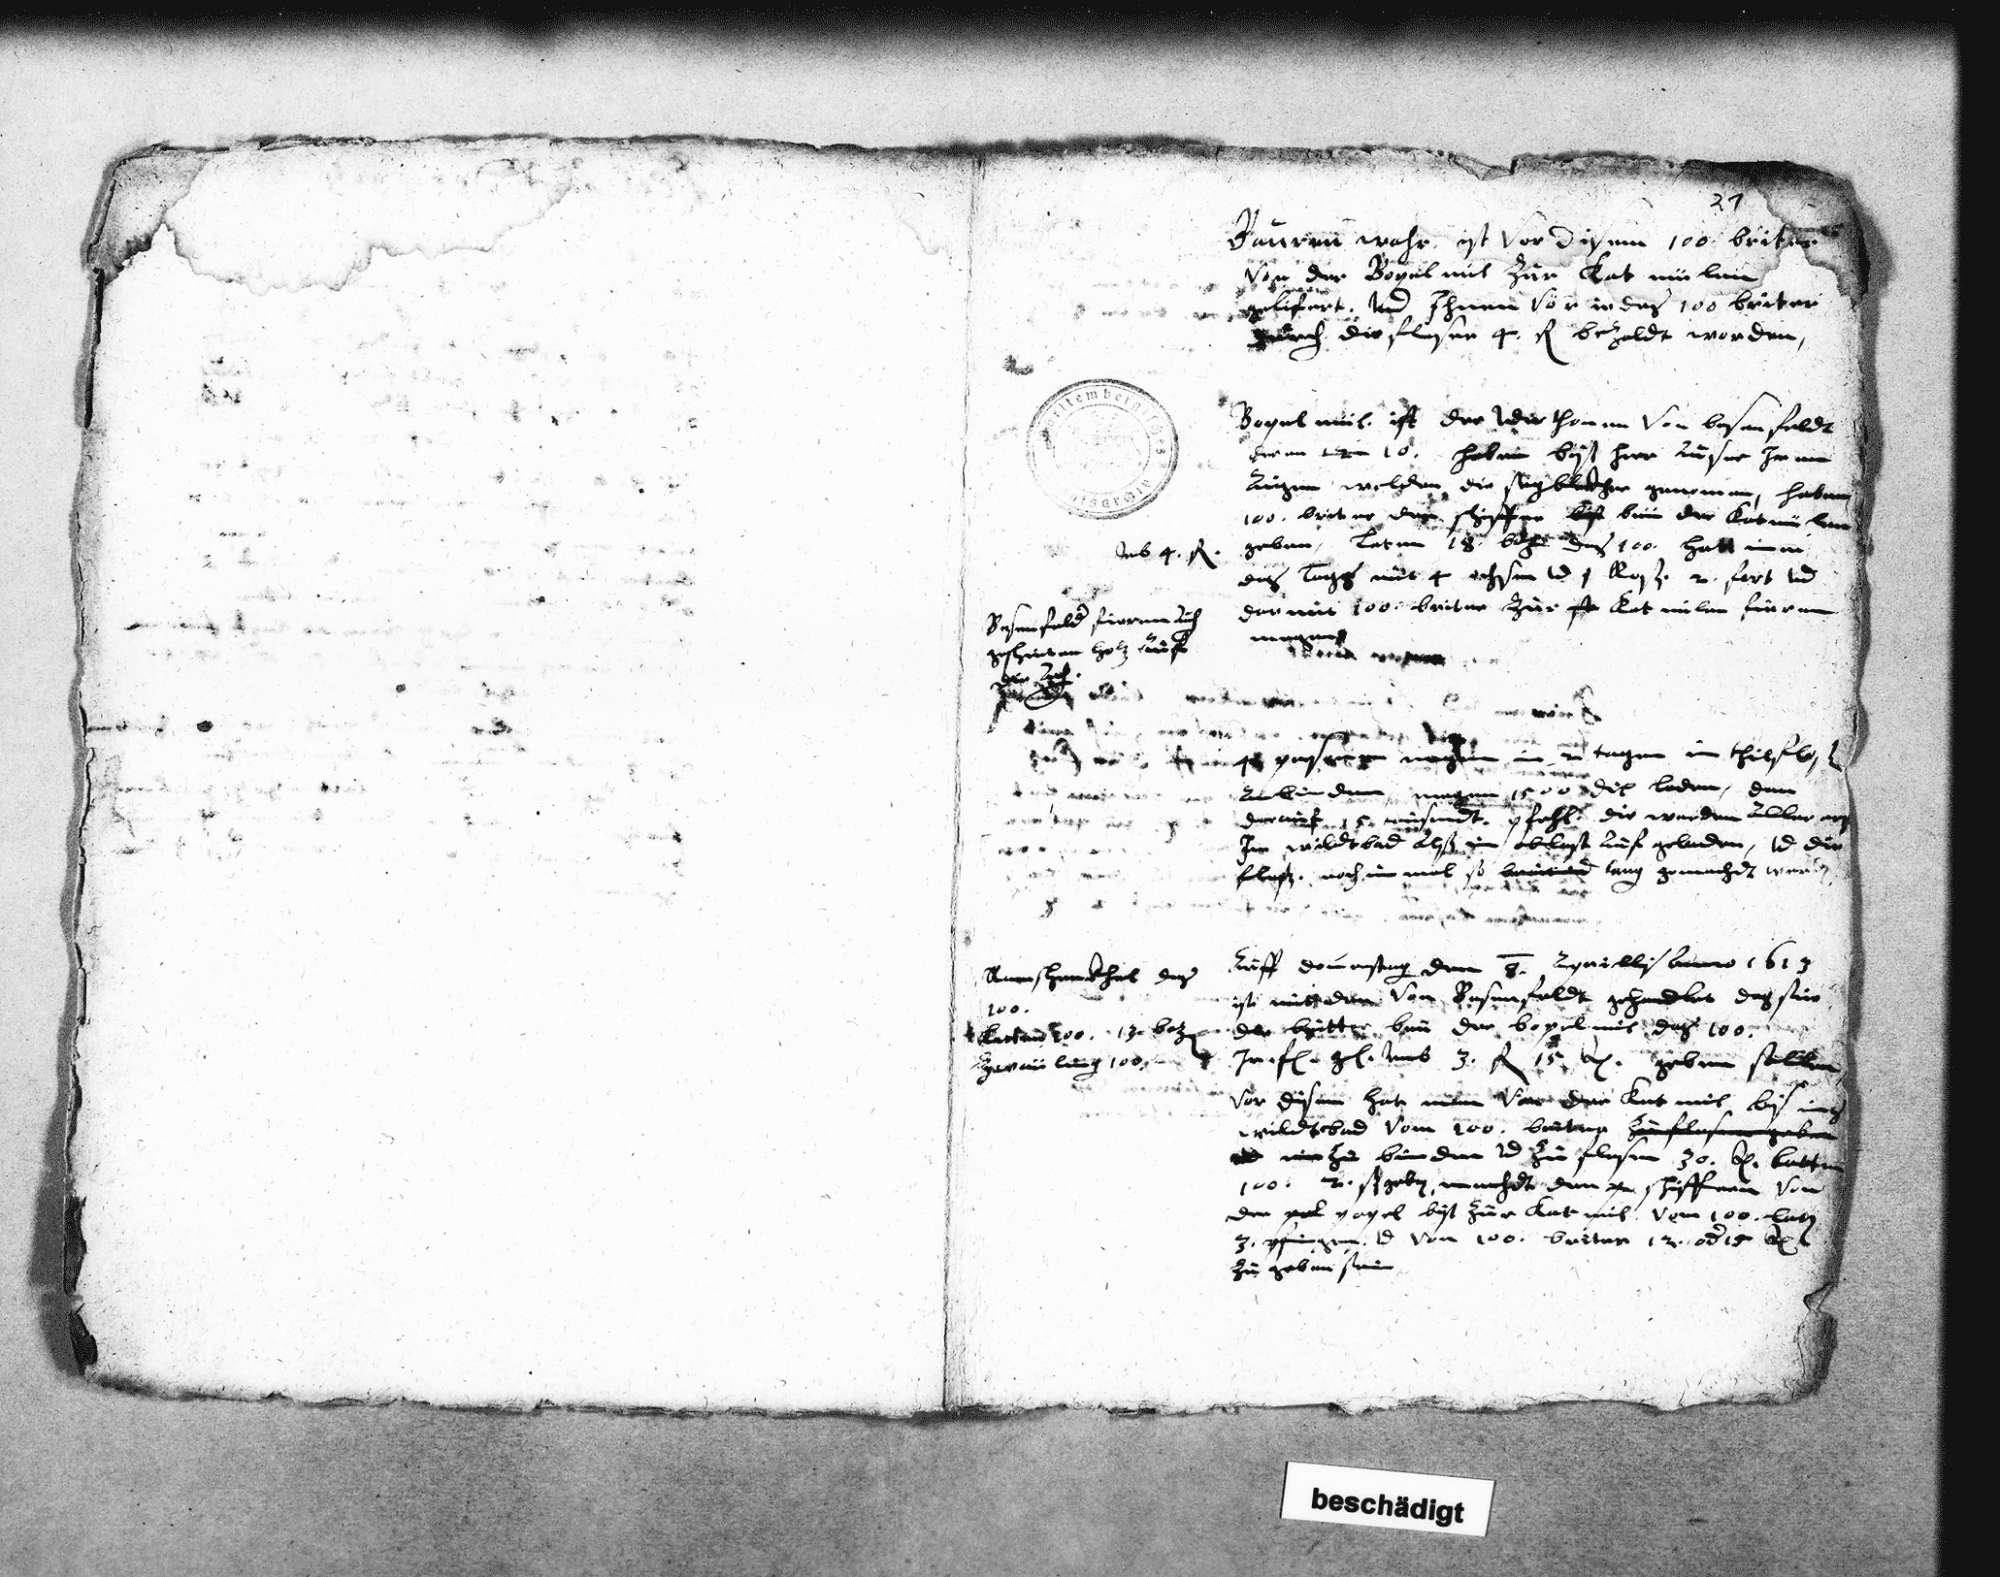 Flößen von Göttelfingen, Simmersfeld, Fünfbronn, Enzklösterle und Poppelmühel; Berechnungen über Floßlasten (2 Folio Doppelblatt), Bild 3